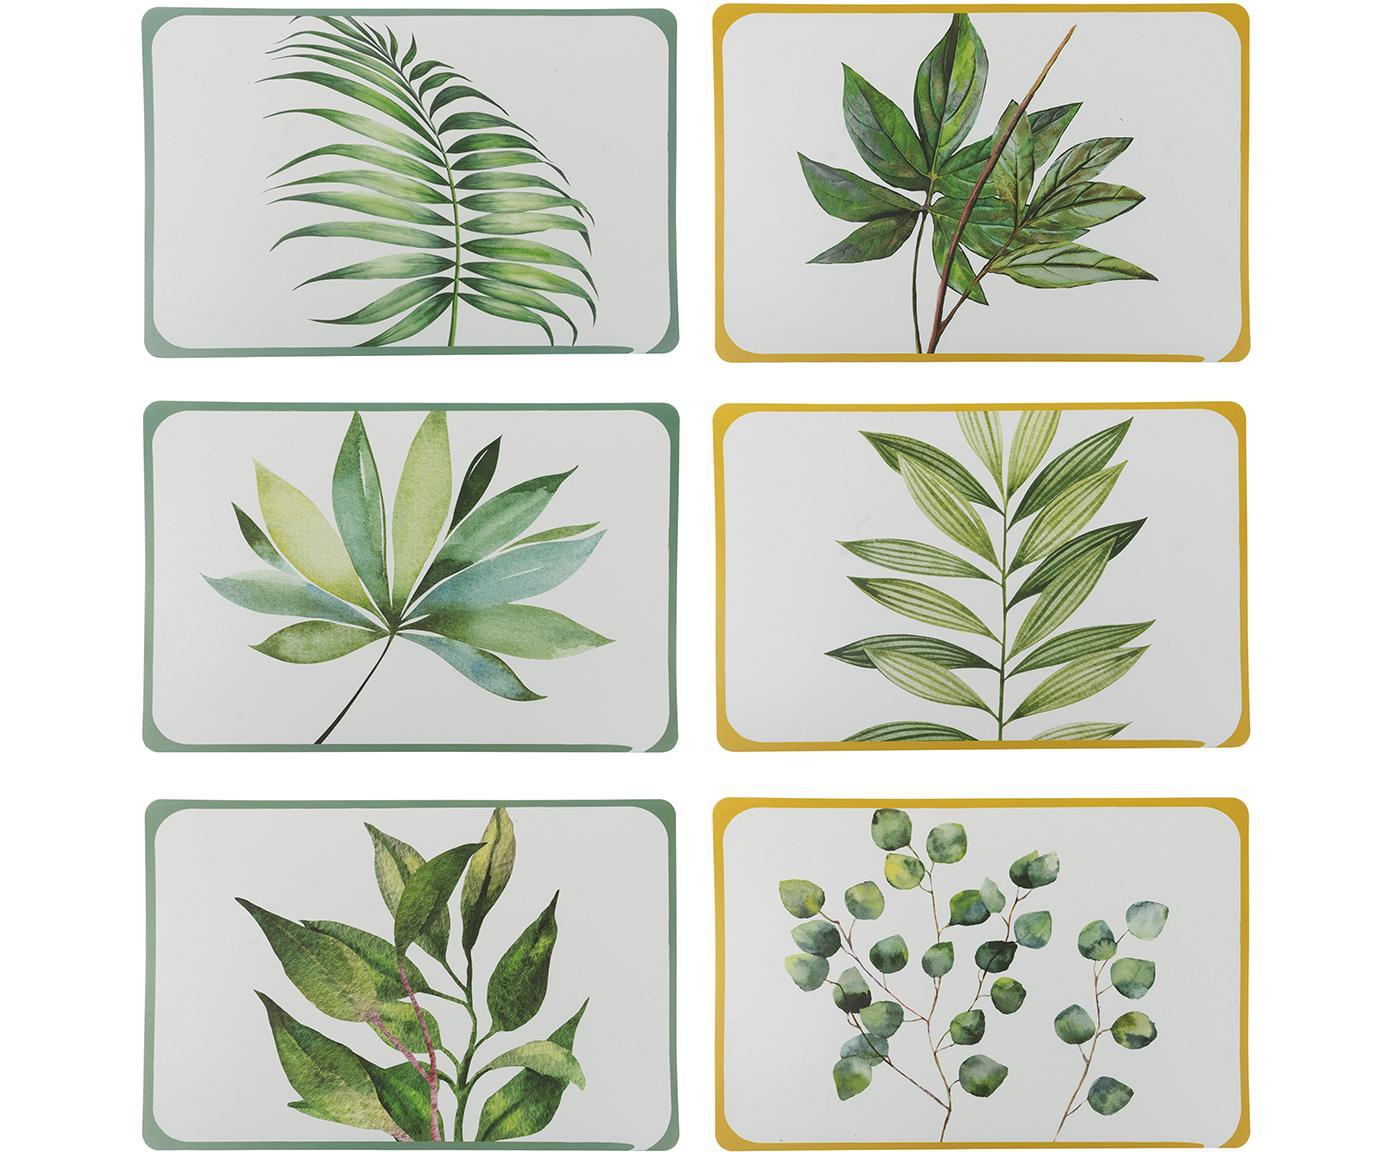 Tischsets Botanique, 6er Set, Kunststoff, Weiß, Grün, Gelb, B 45 x T 30 cm